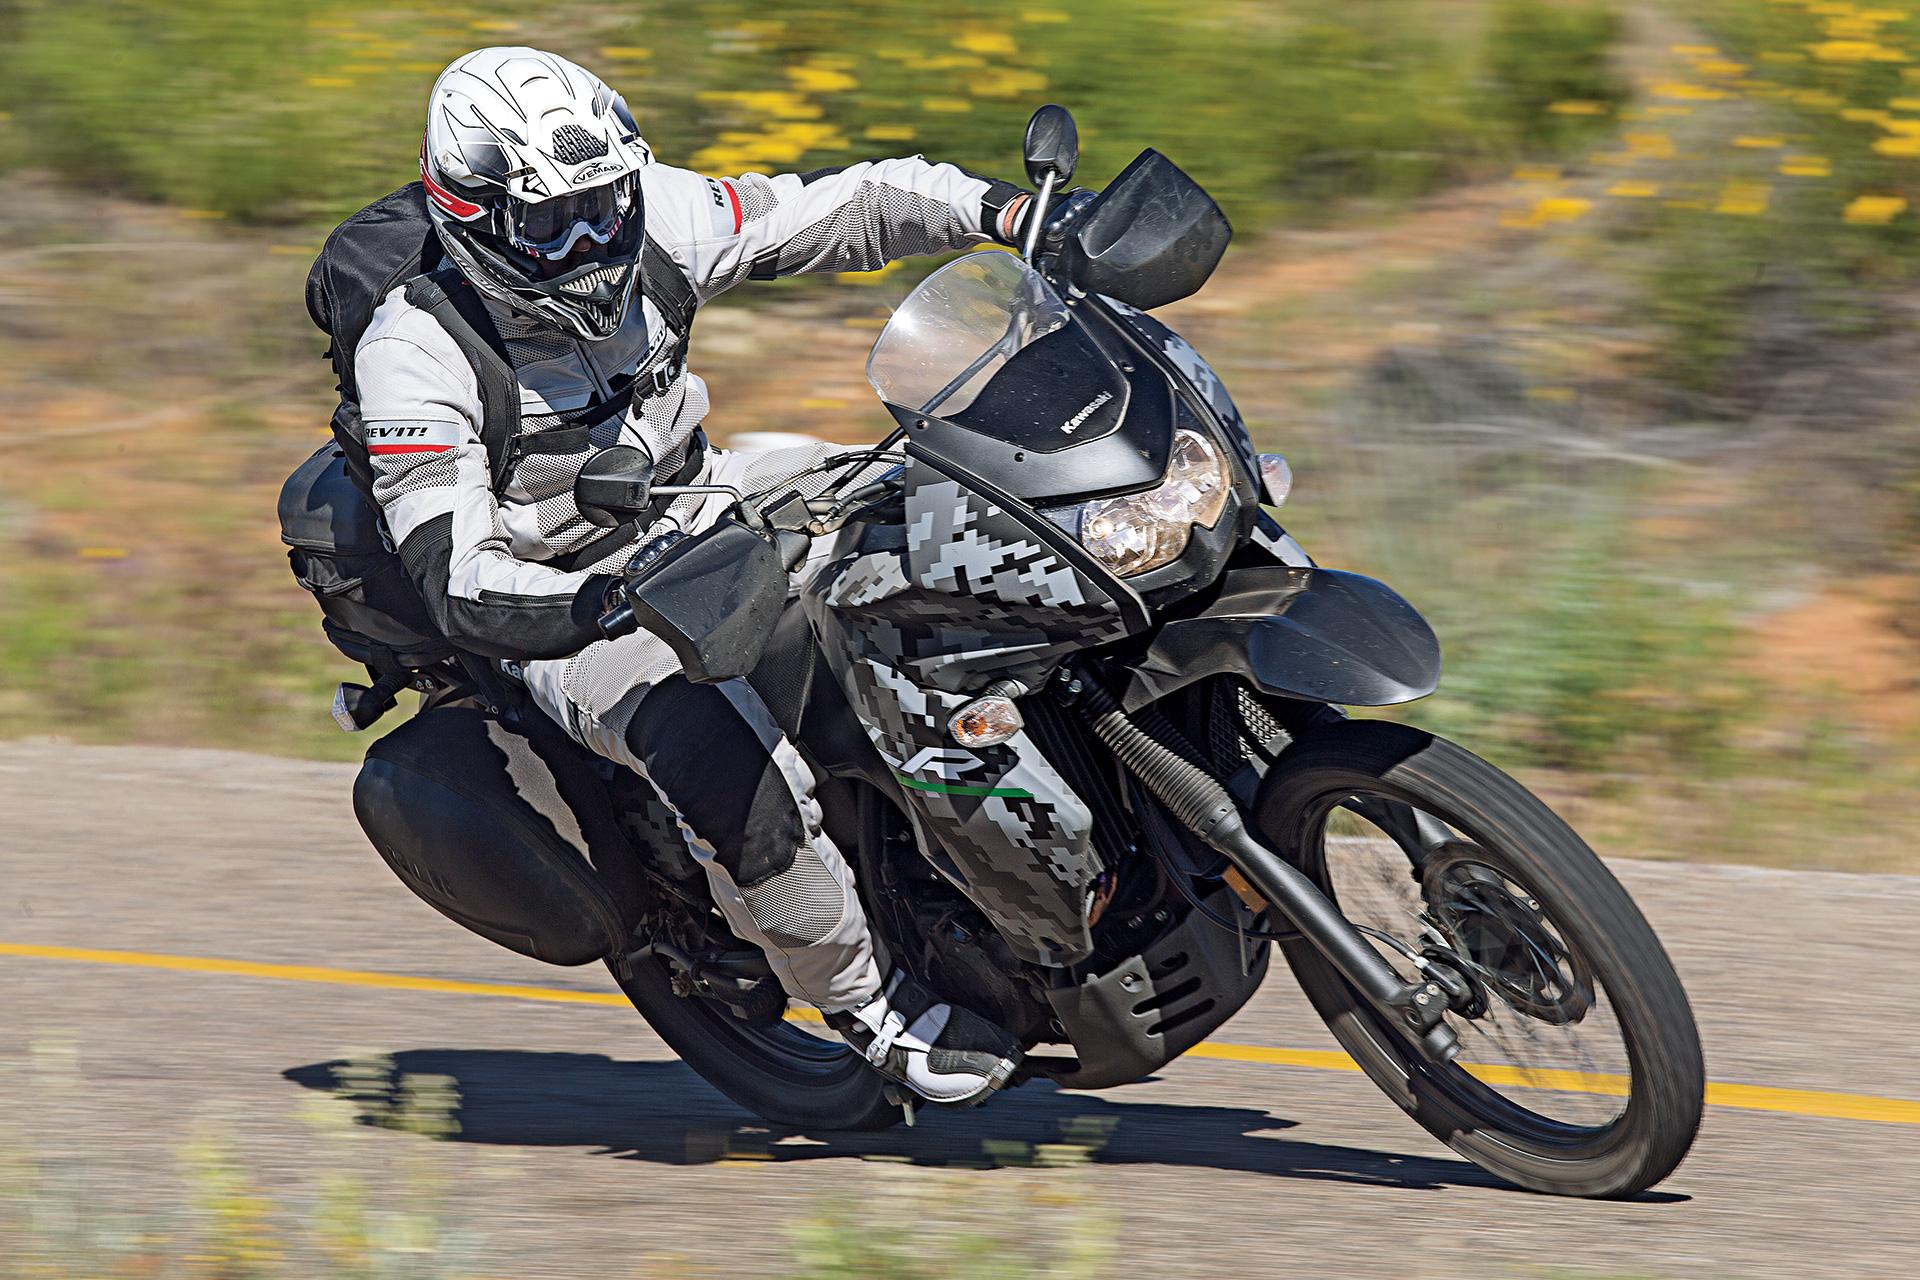 Kawasaki KLR650 Adventure Motorcycle Road Trip and Killer Tacos